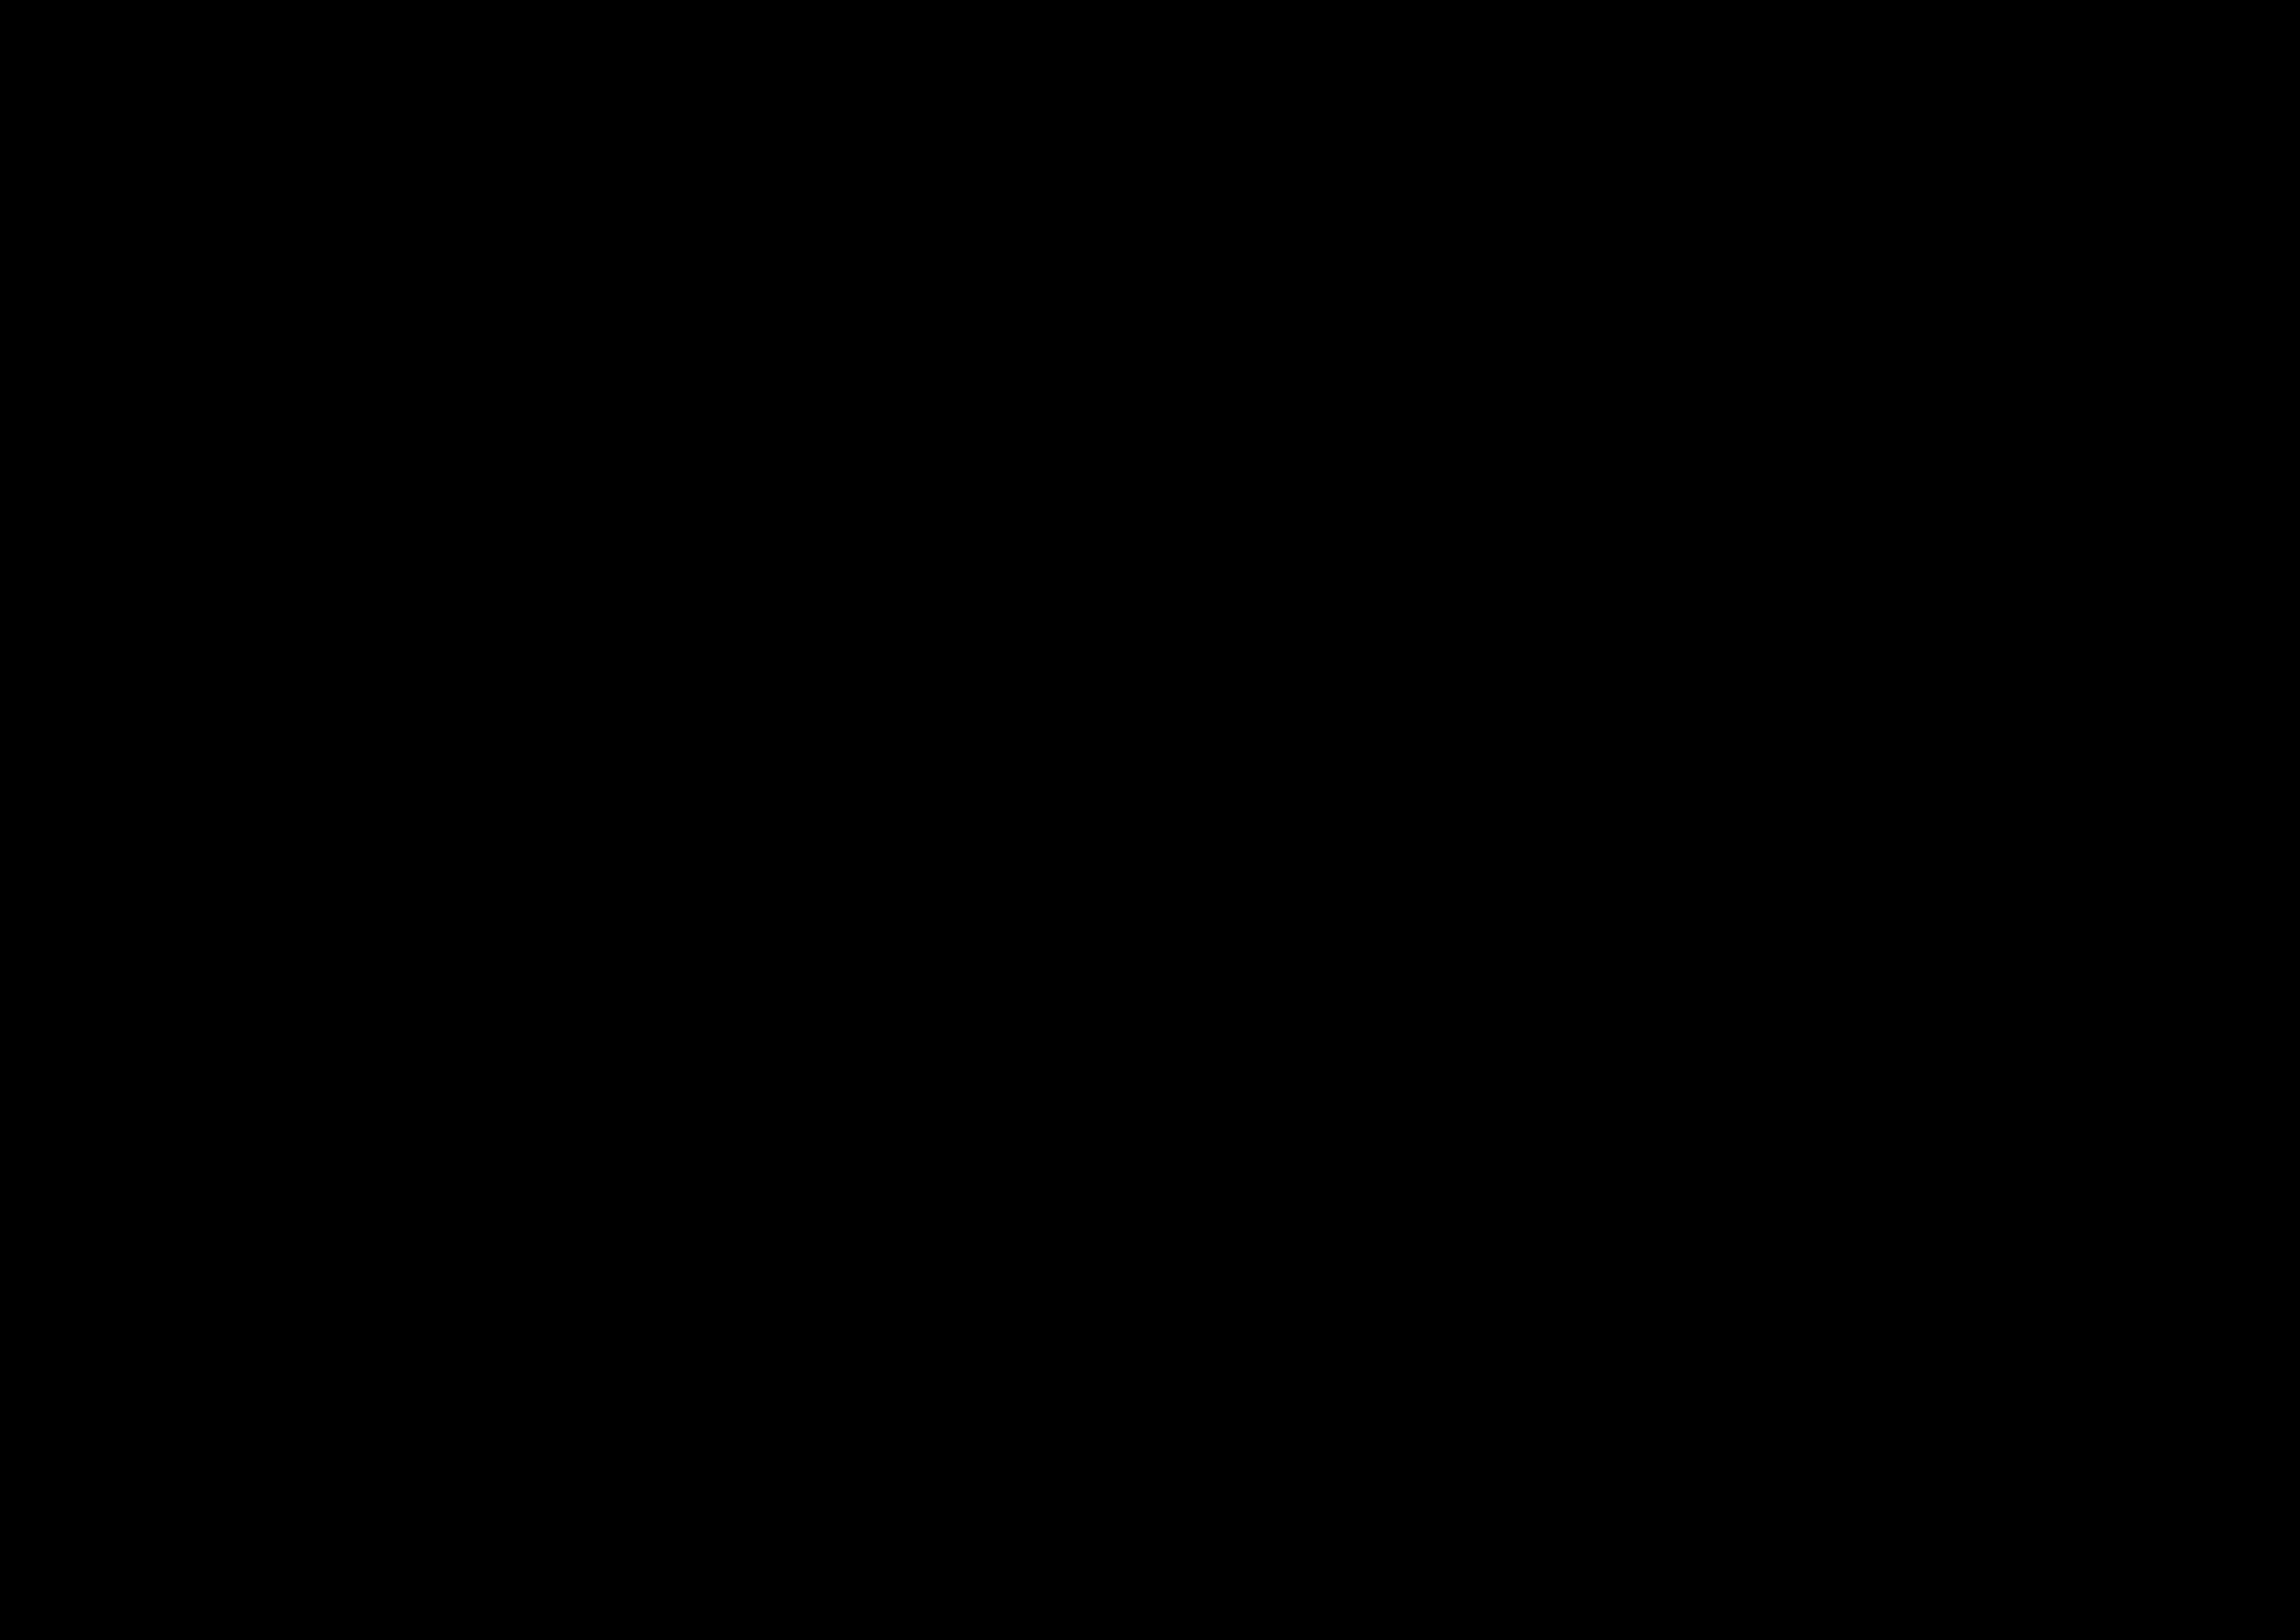 Силуэт муравья, черный, вид сверху, ползет